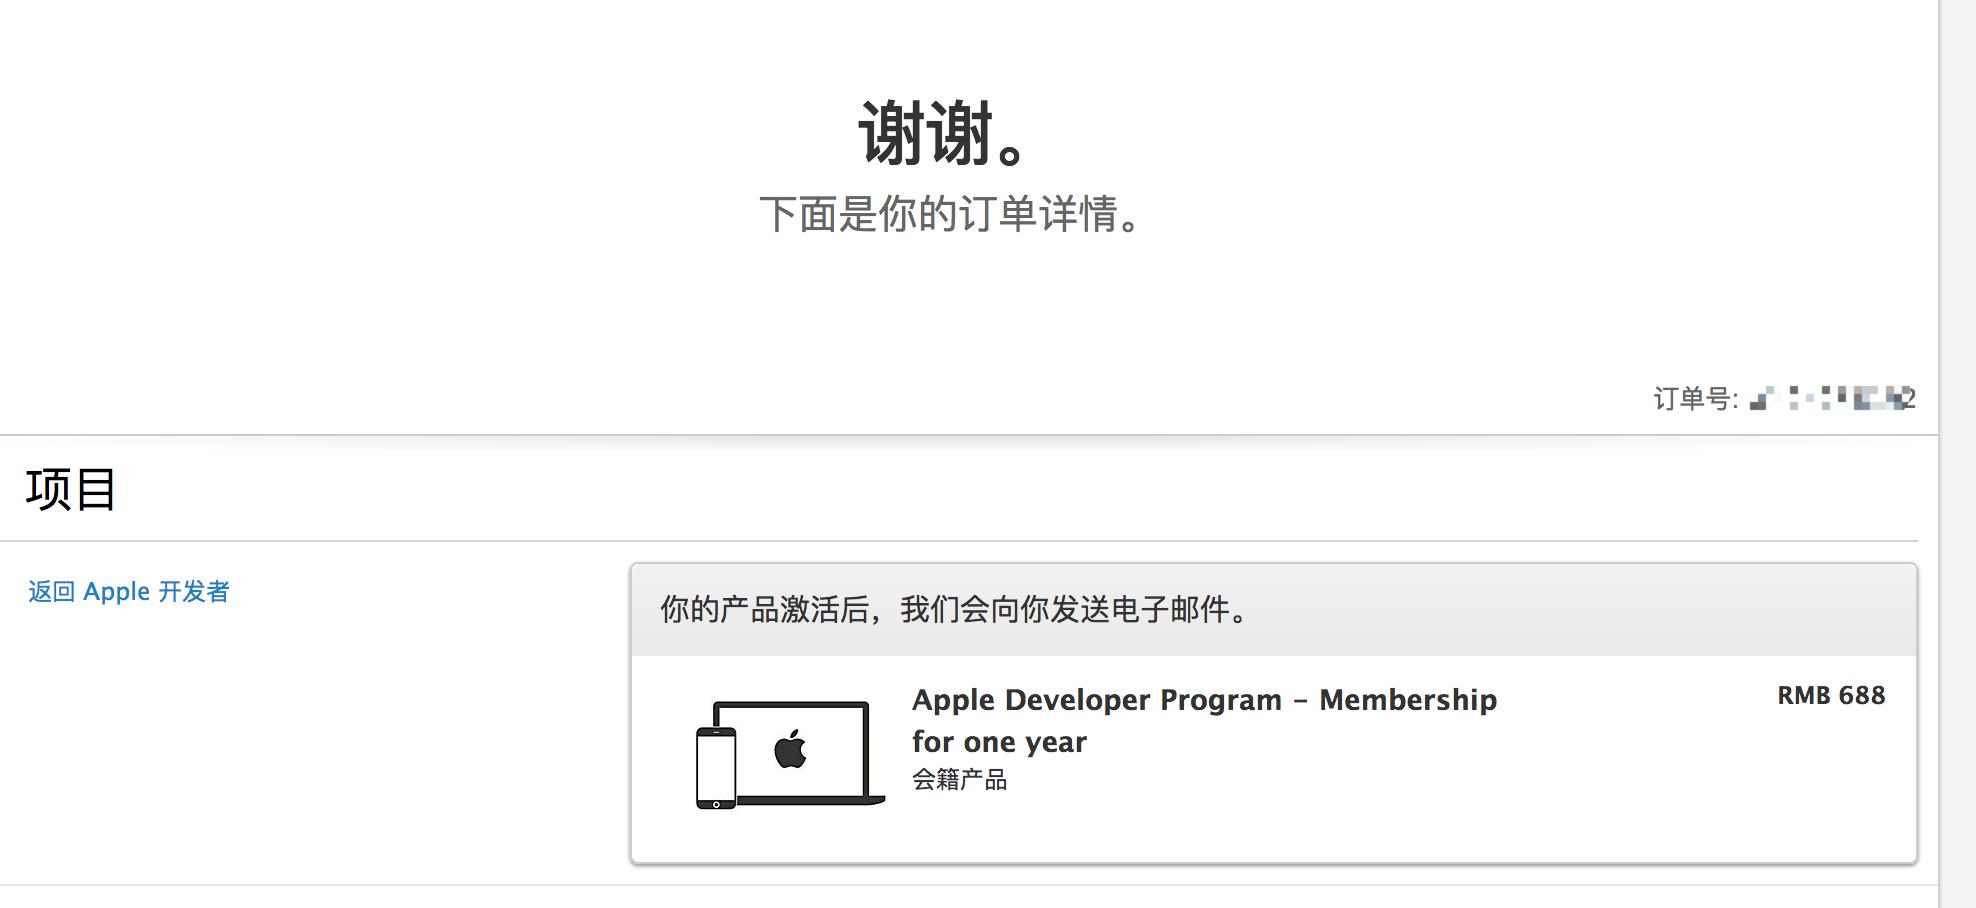 2018年8月-最新申请苹果公司开发者账号-以及申请苹果开发者账号使用信用卡付款时出现问题的解决方法